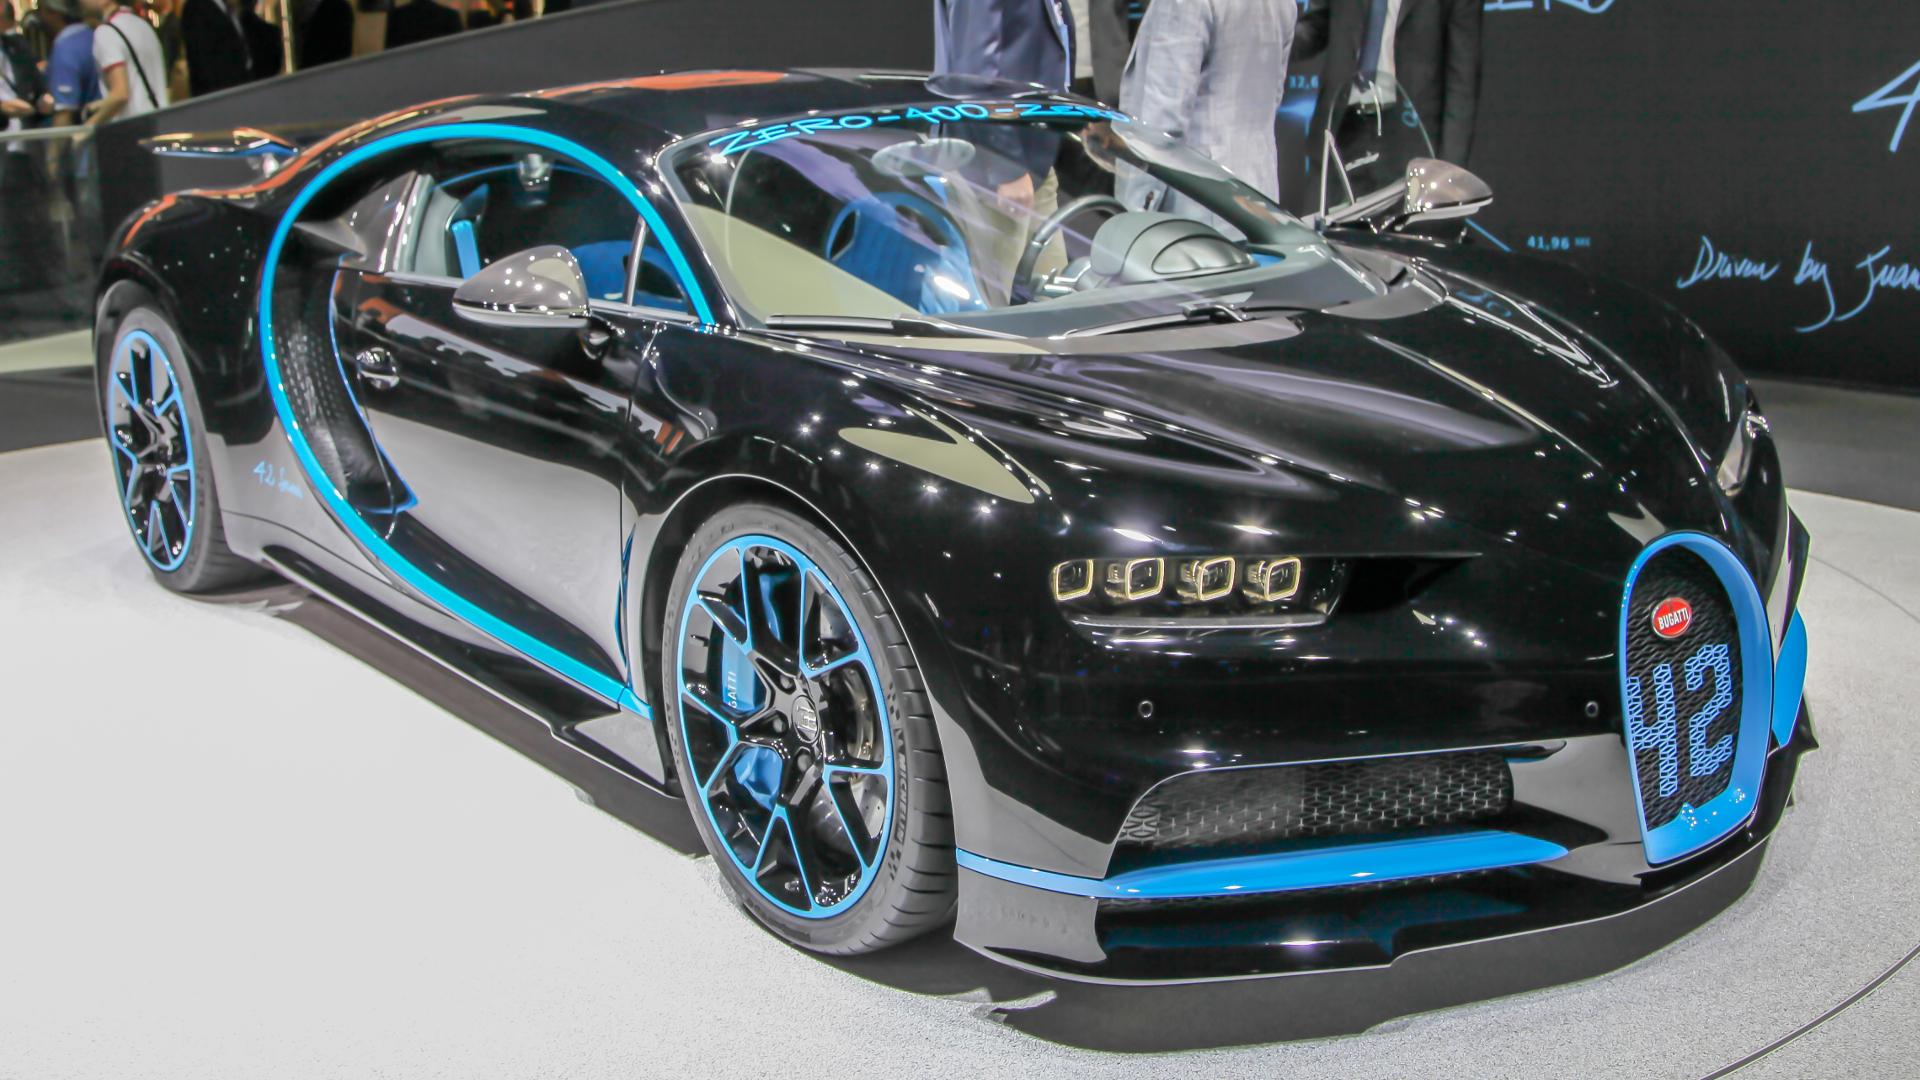 Los neumáticos de Michelin capaces de aguantar los 500 kmh1920